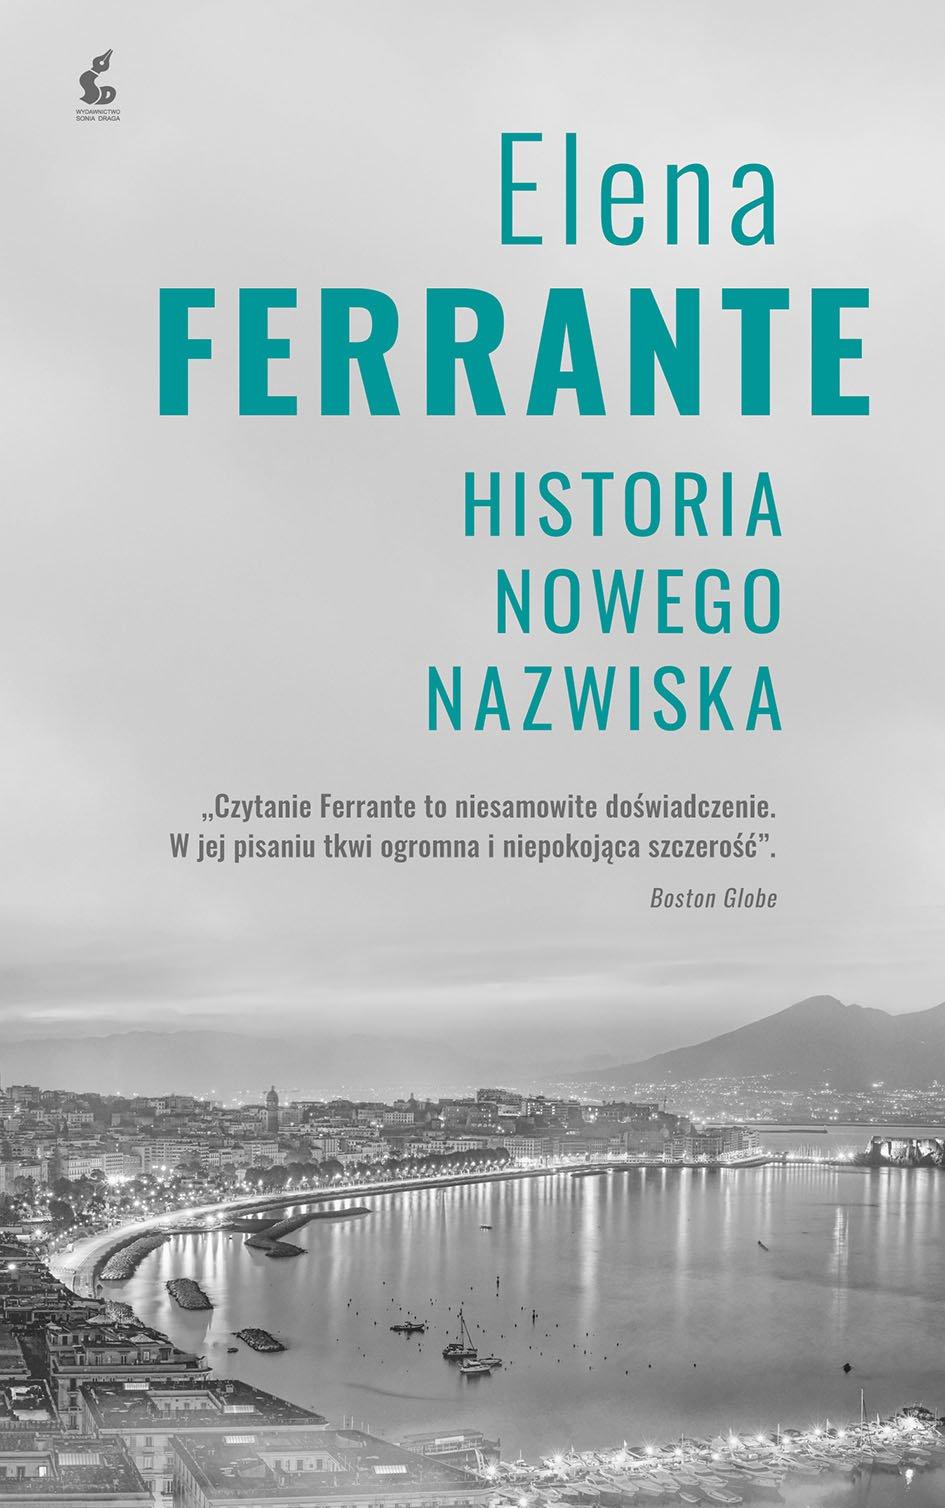 Historia nowego nazwiska. Wydanie 2 - Ebook (Książka EPUB) do pobrania w formacie EPUB